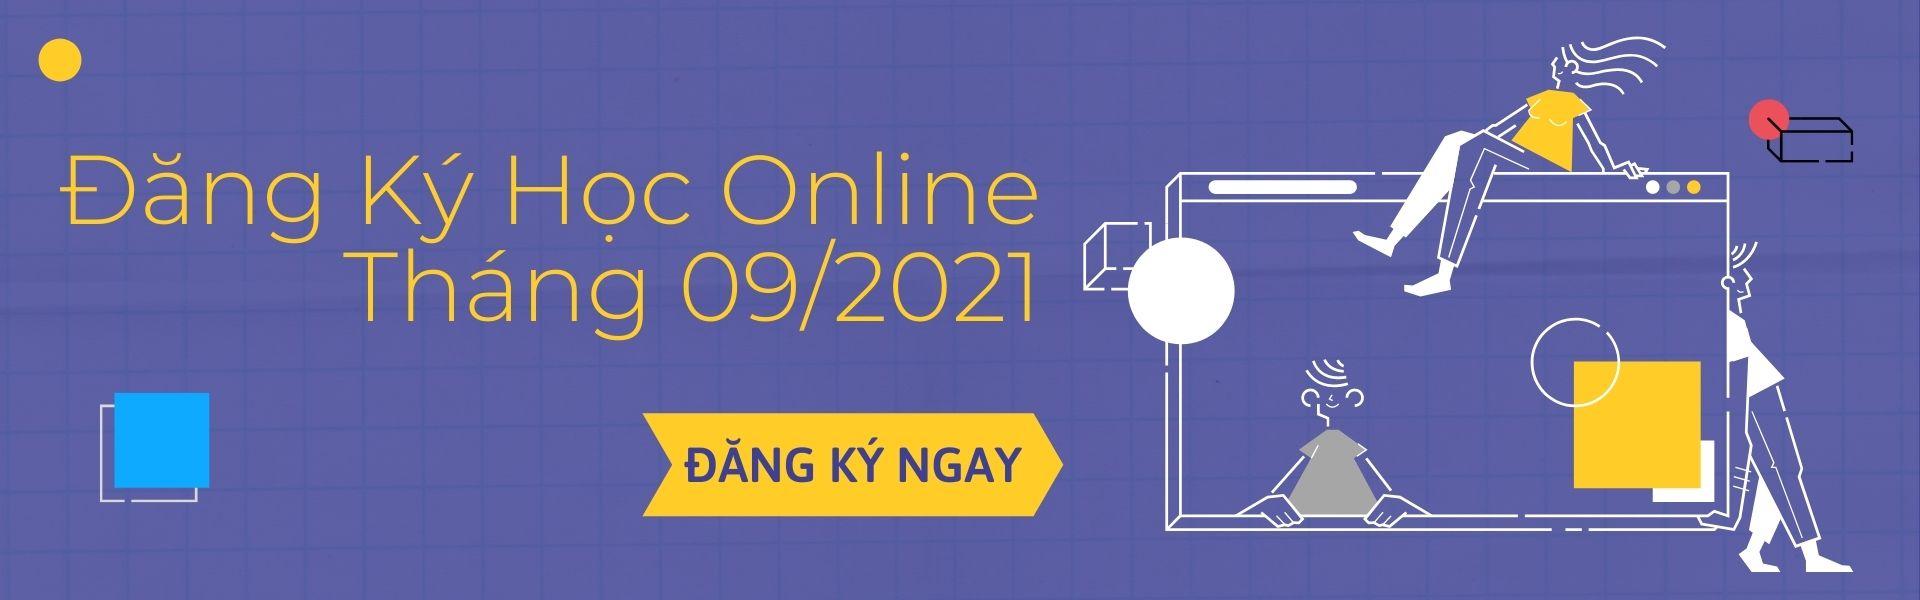 dang ky online 092021